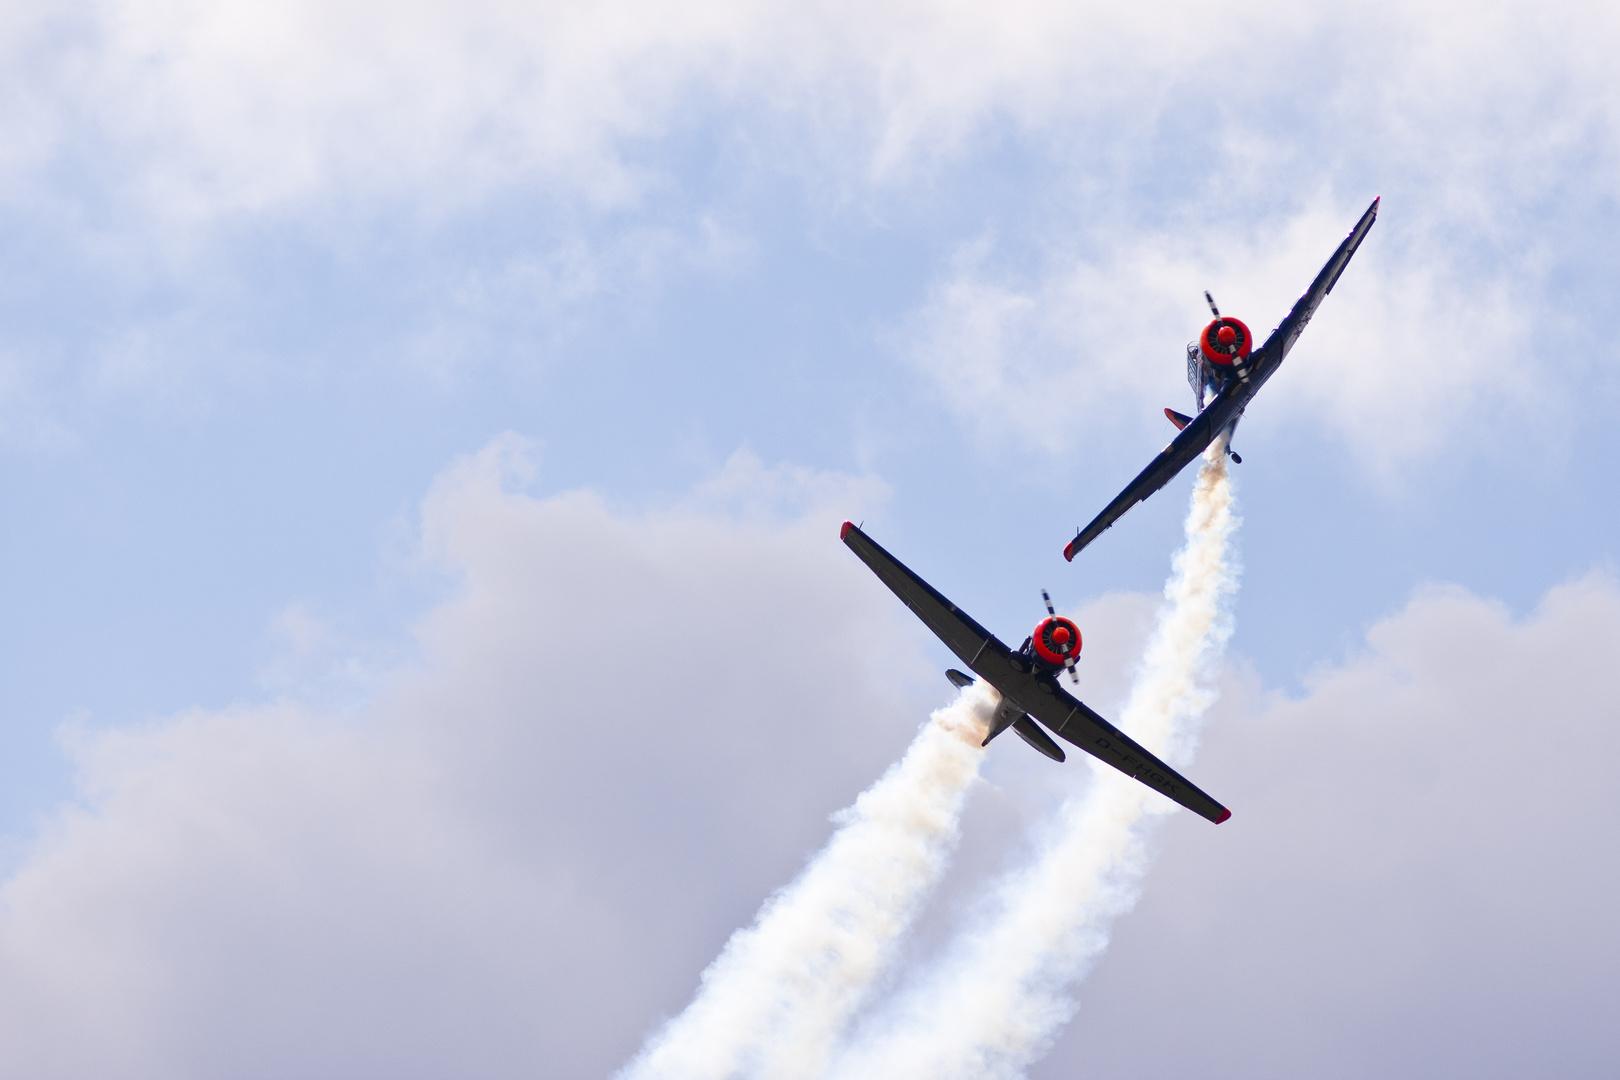 Flug Action